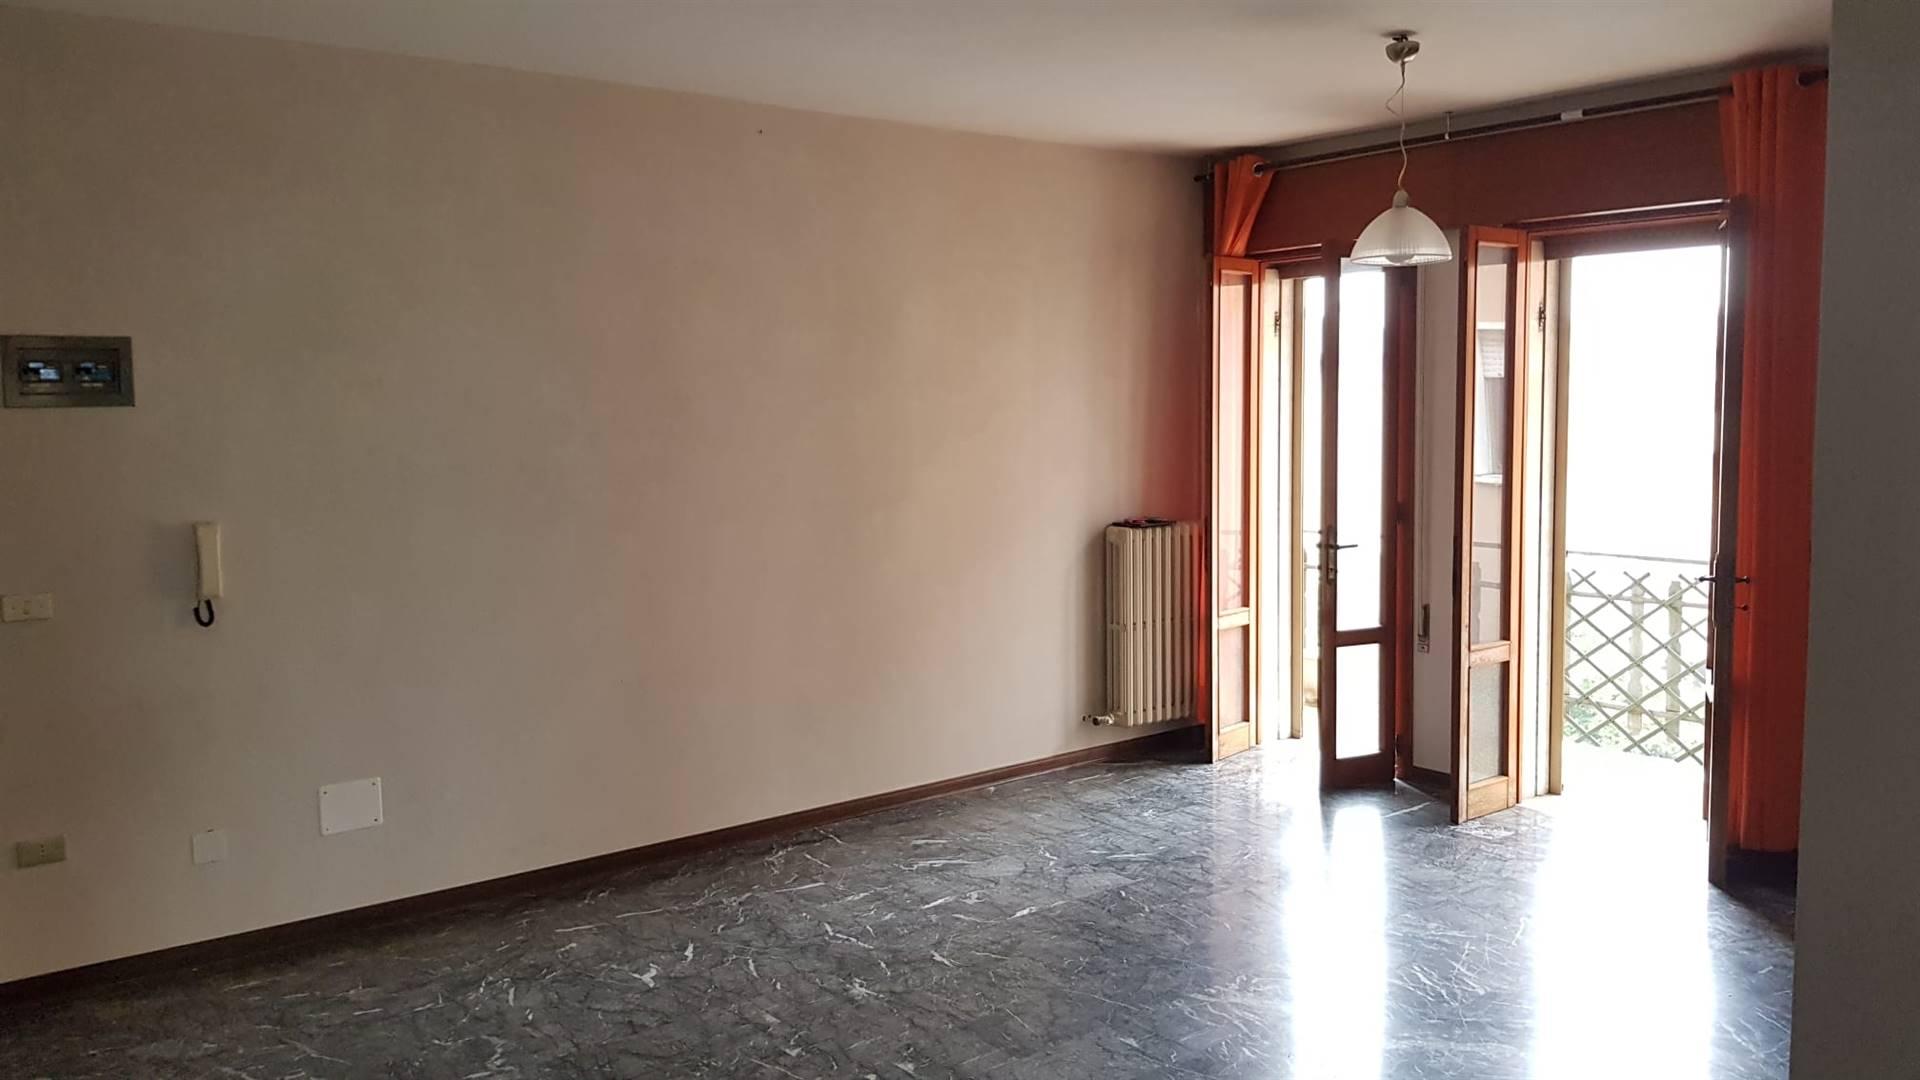 Appartamento in vendita a Salzano, 4 locali, prezzo € 120.000 | PortaleAgenzieImmobiliari.it